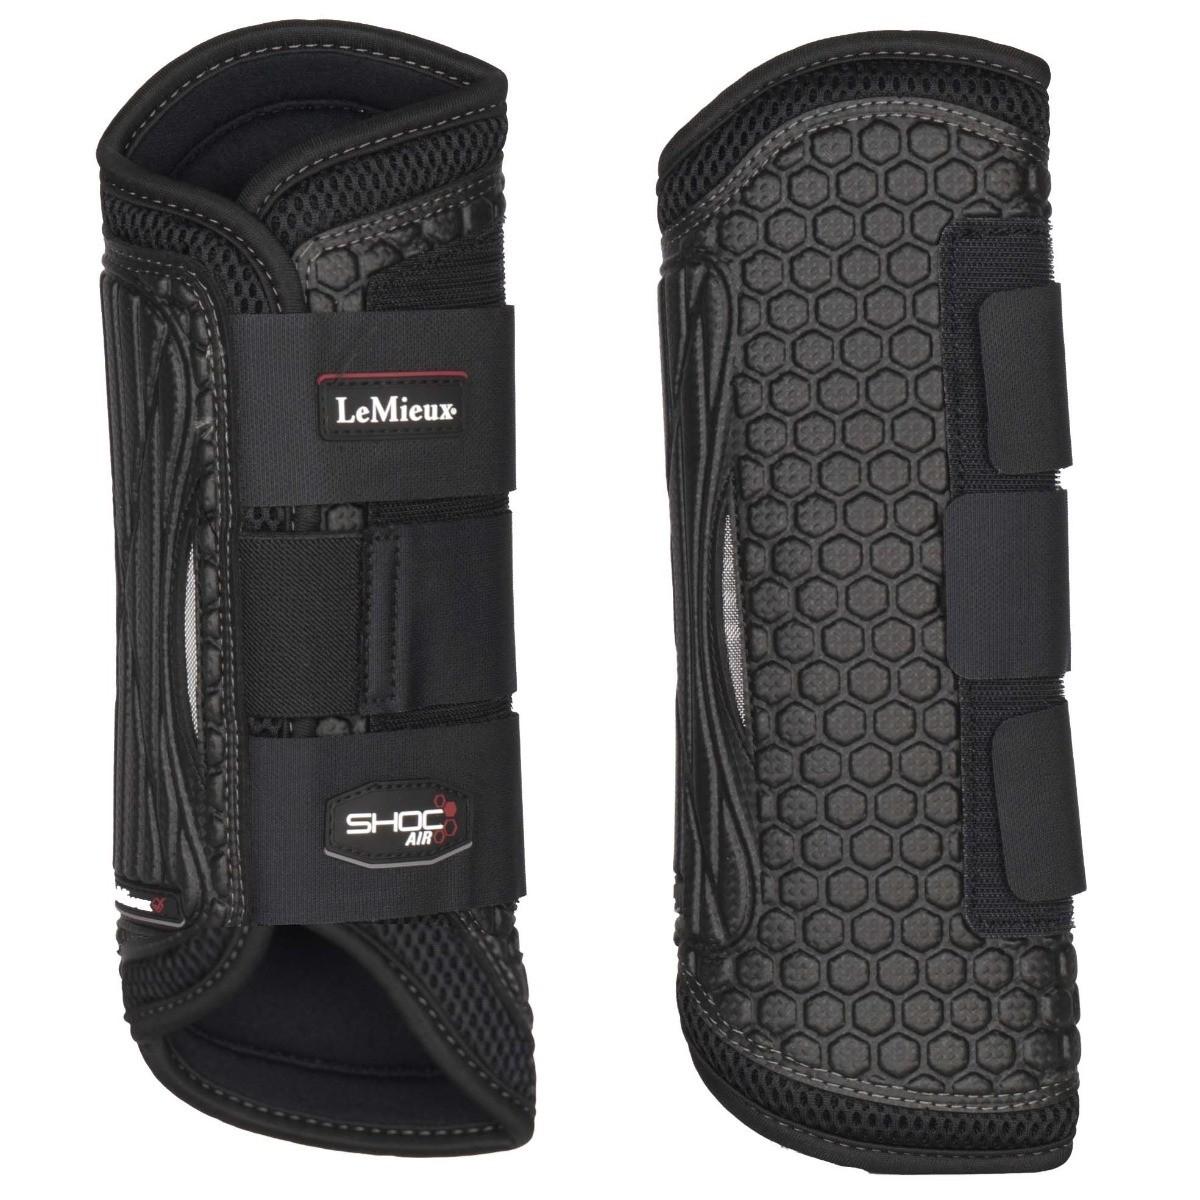 LeMieux ShocAir beenbeschermers achter zwart maat:l